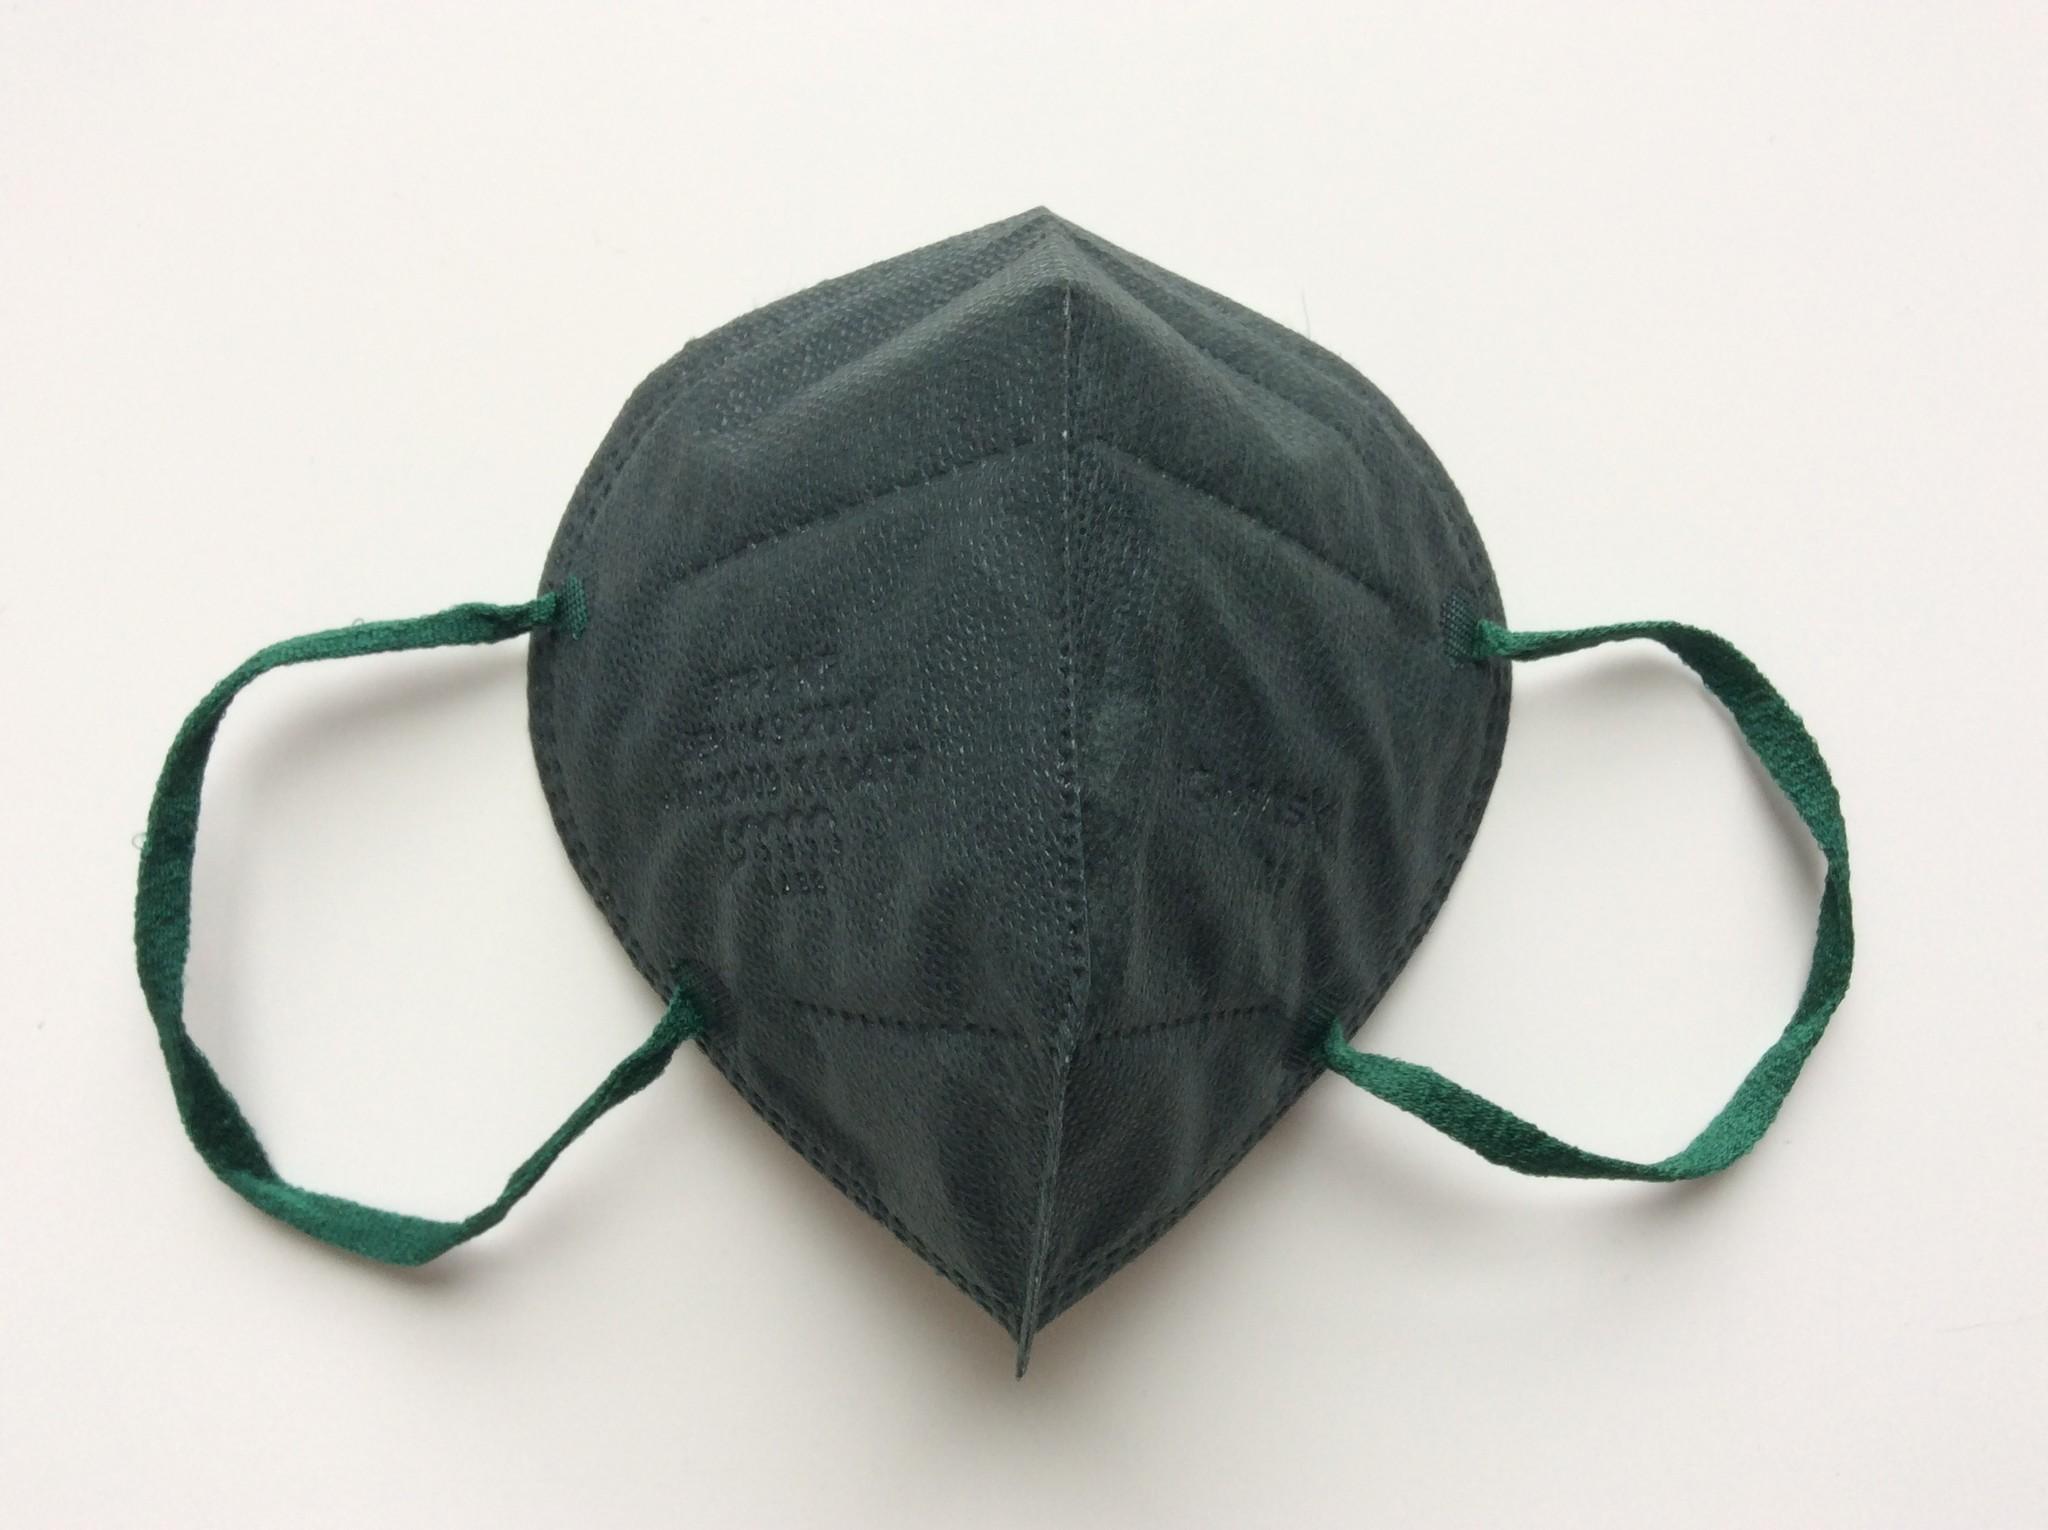 """IG-mask Masque IG """"FFP2"""" - Couleur Vert - 20 pièces (2,49 par pièce)"""